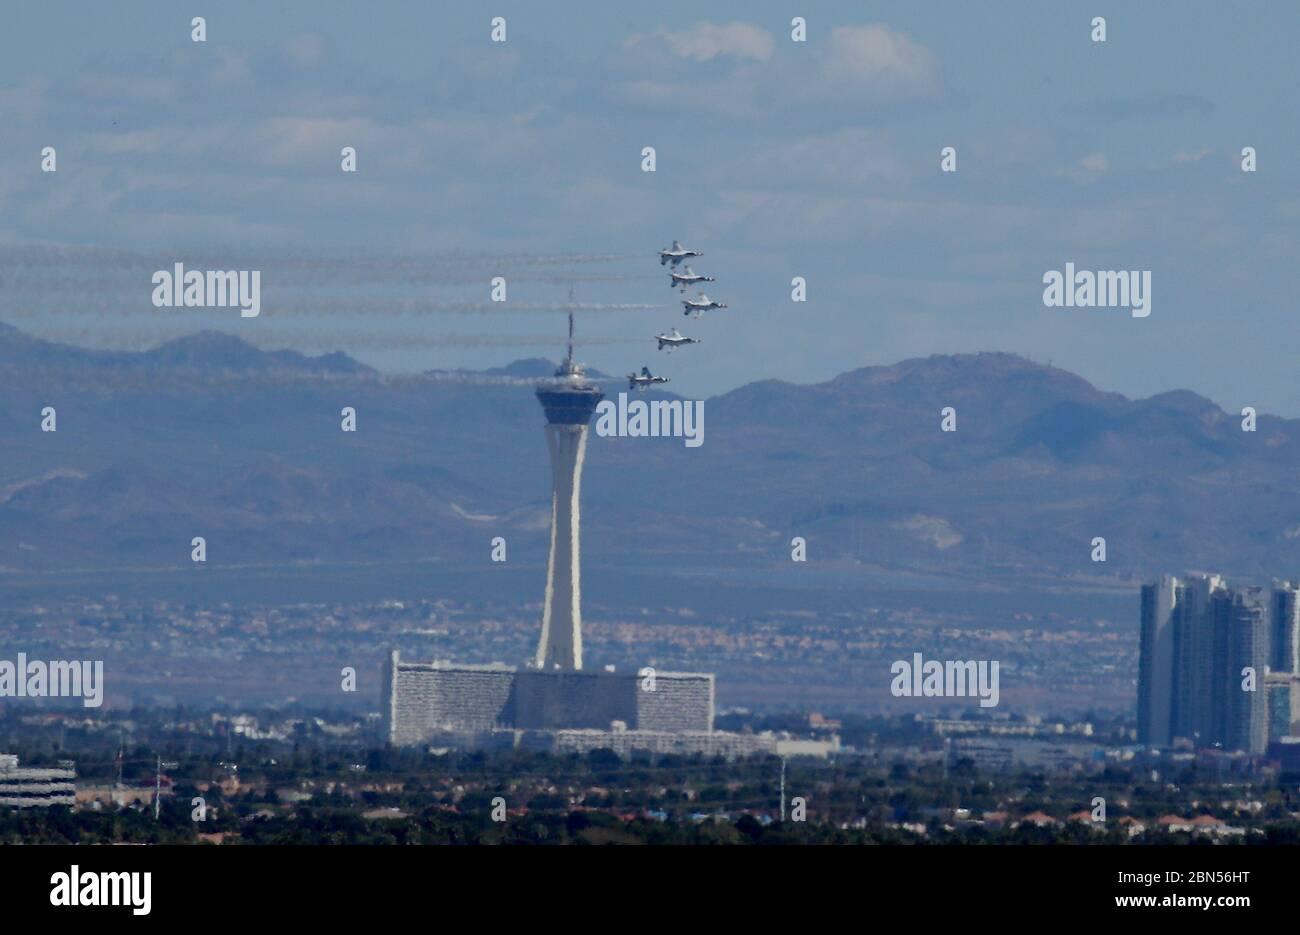 US AirForce Thunderbirds support des travailleurs de la santé avec Las Vegas survoler avec: US AirForce Thunderbirds où: Las Vegas, Nevada, États-Unis quand: 11 avril 2020 crédit: Judy Eddy/WENN.com Banque D'Images